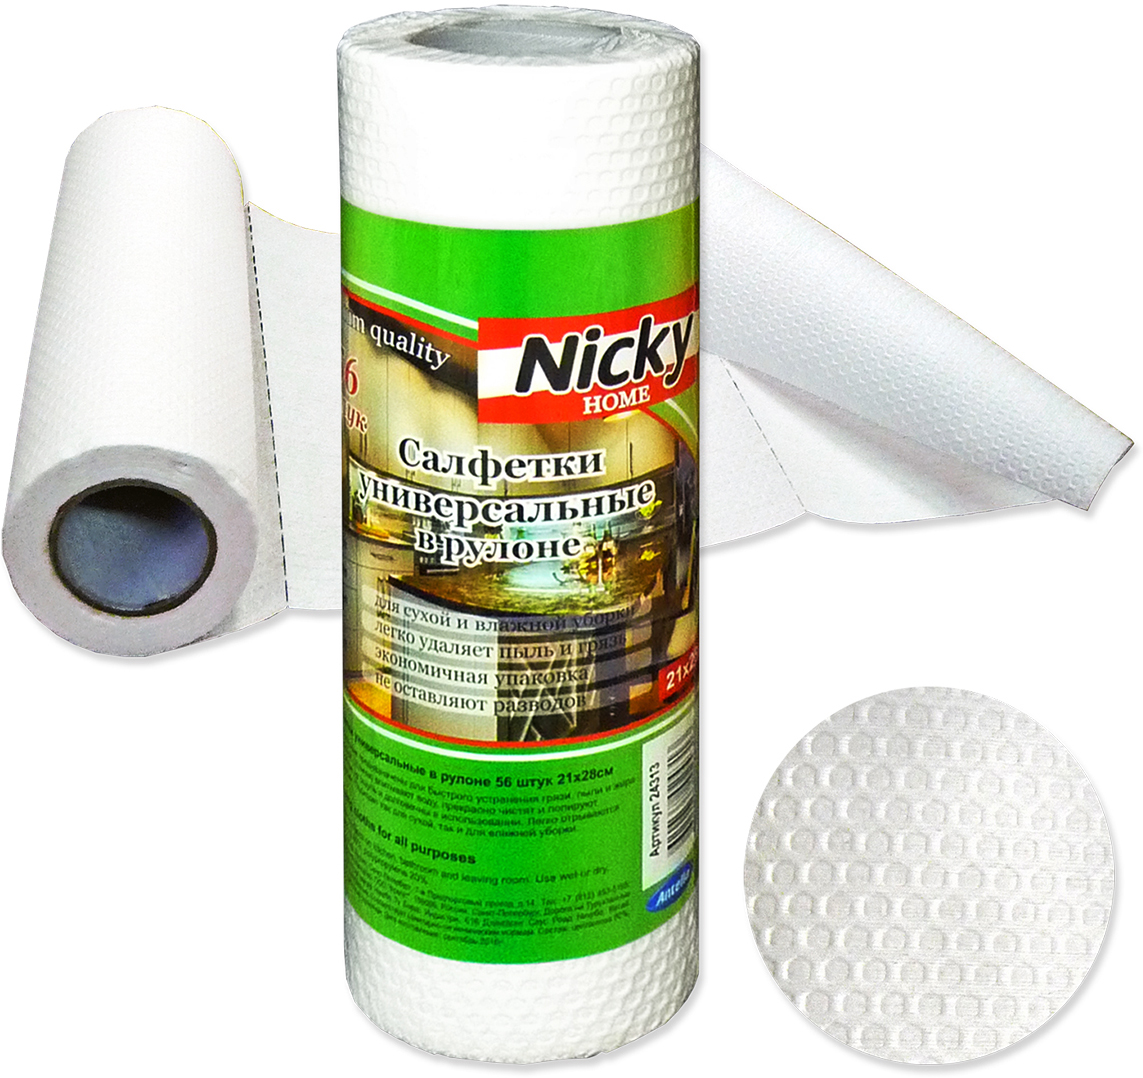 Салфетка универсальная Nicky Home, цвет: белый, 21 х 28 см, 56 шт в рулоне24313Салфетки универсальные Nicky Home предназначены для быстрого устранения грязи, пыли и жира с любых поверхностей. Отлично впитывают воду, прекрасно чистят и полируют поверхность. Приятны на ощупь и долговечны в использовании. Легко отрываются благодаря перфорации.Подходят как для сухой, так и для влажной уборки.